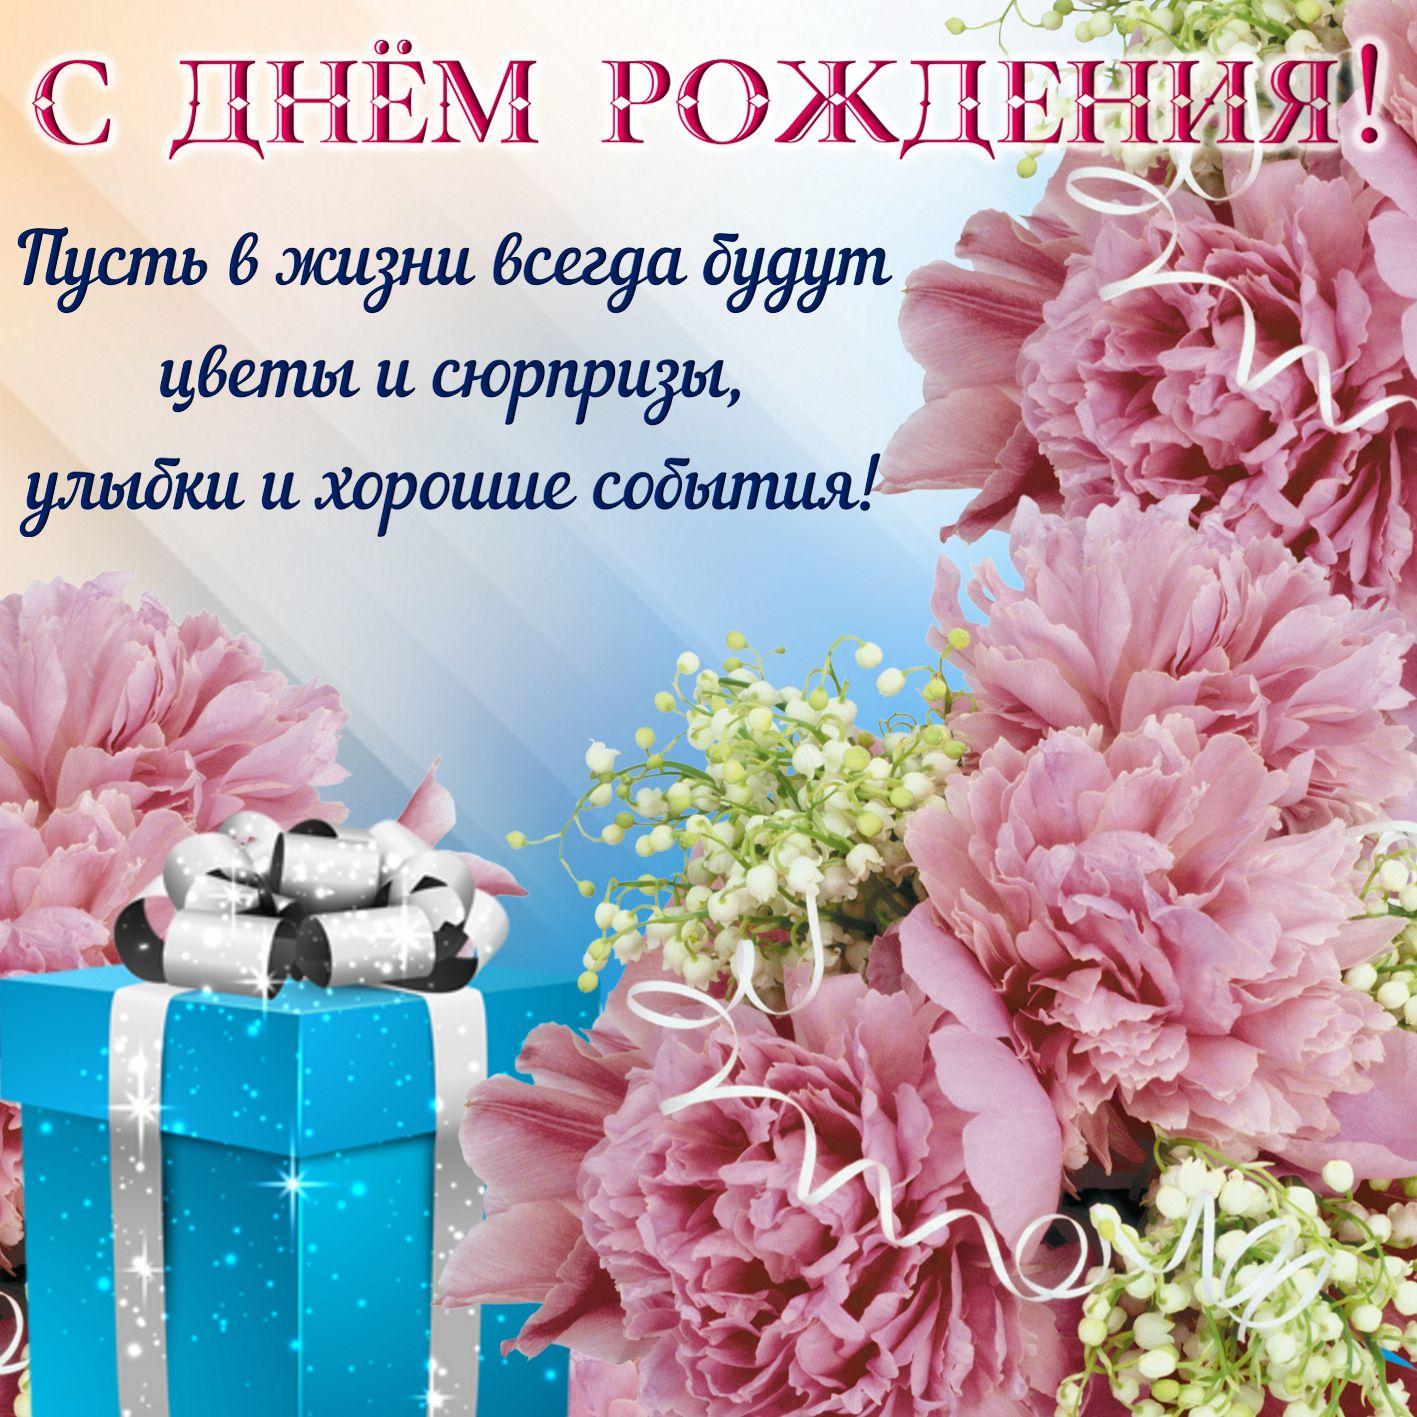 Женщине. Картинка с цветами и подарком для женщины. С Днём рождения! Пусть в жизни всегда будут цветы и сюрпризы, улыбки и хорошие события!